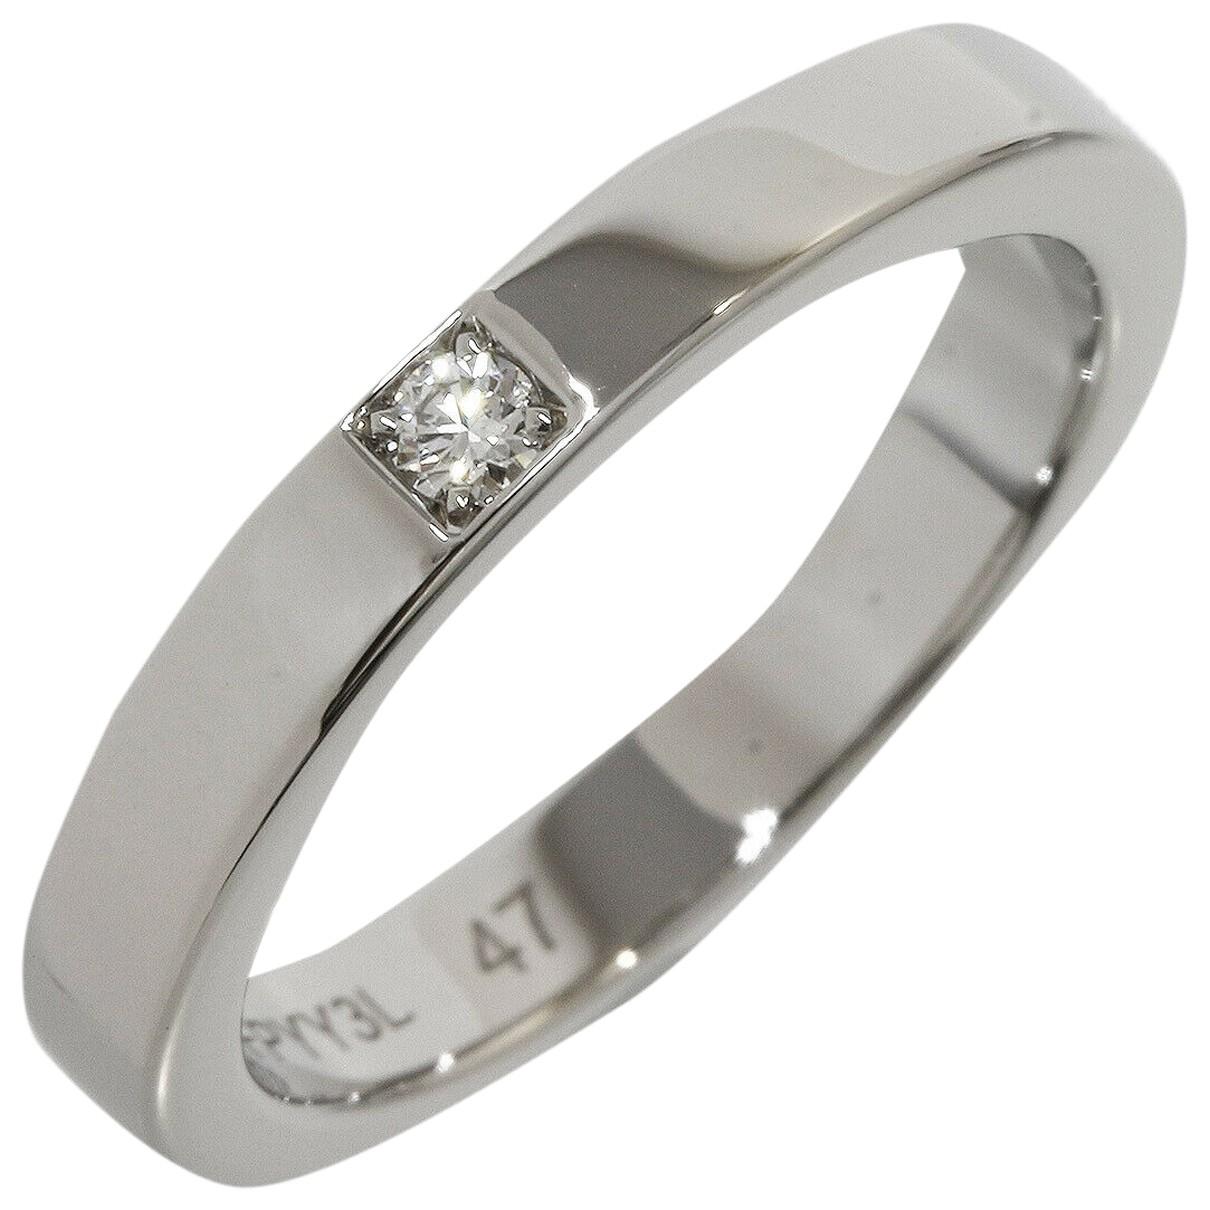 Bvlgari \N Ring in  Silber Platin